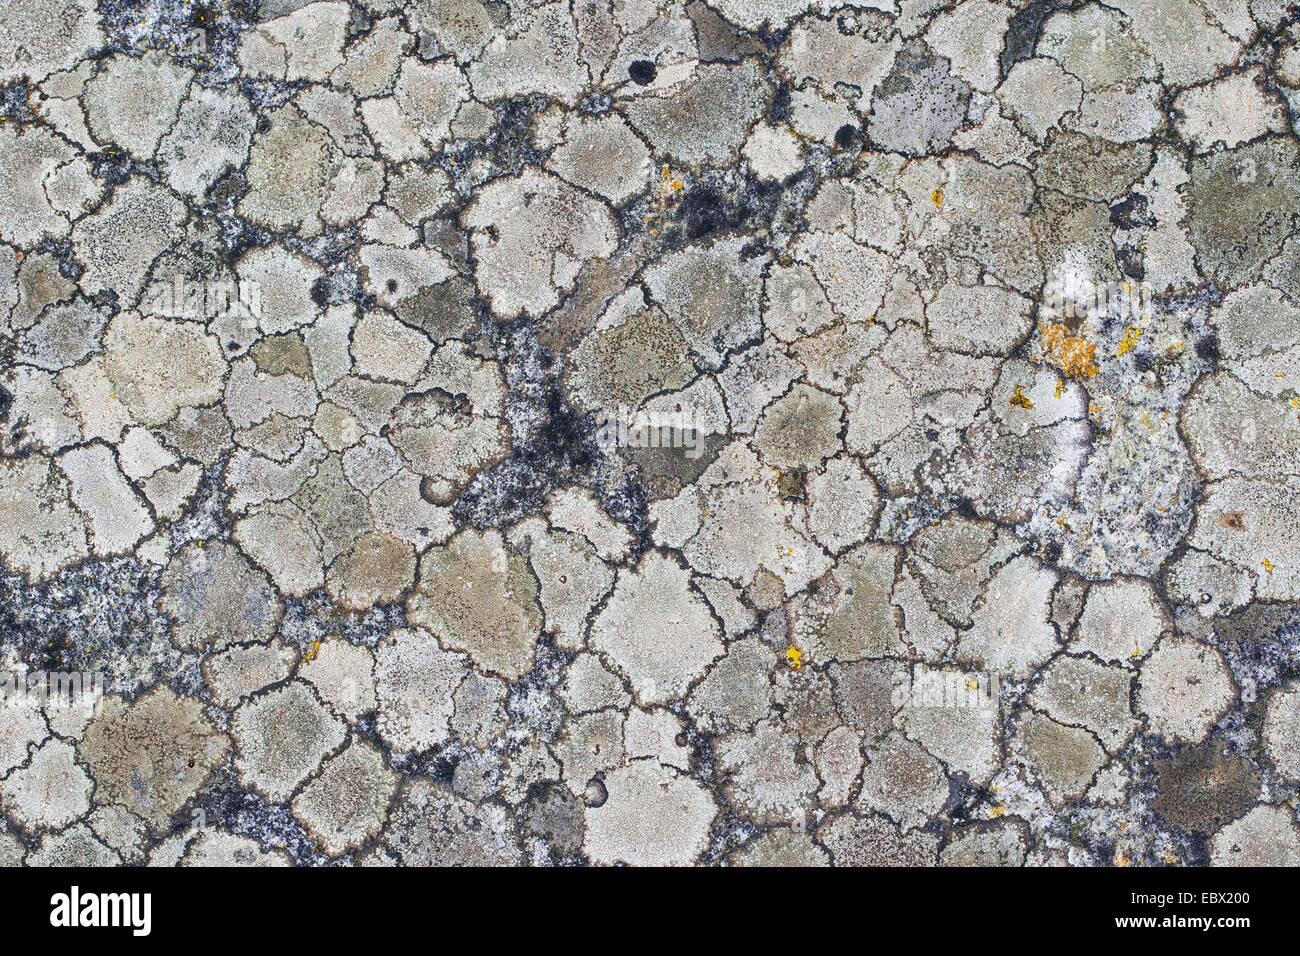 mehrere verschiedene crustose Lichenes auf einem Felsen in den Alpen, Deutschland Stockbild